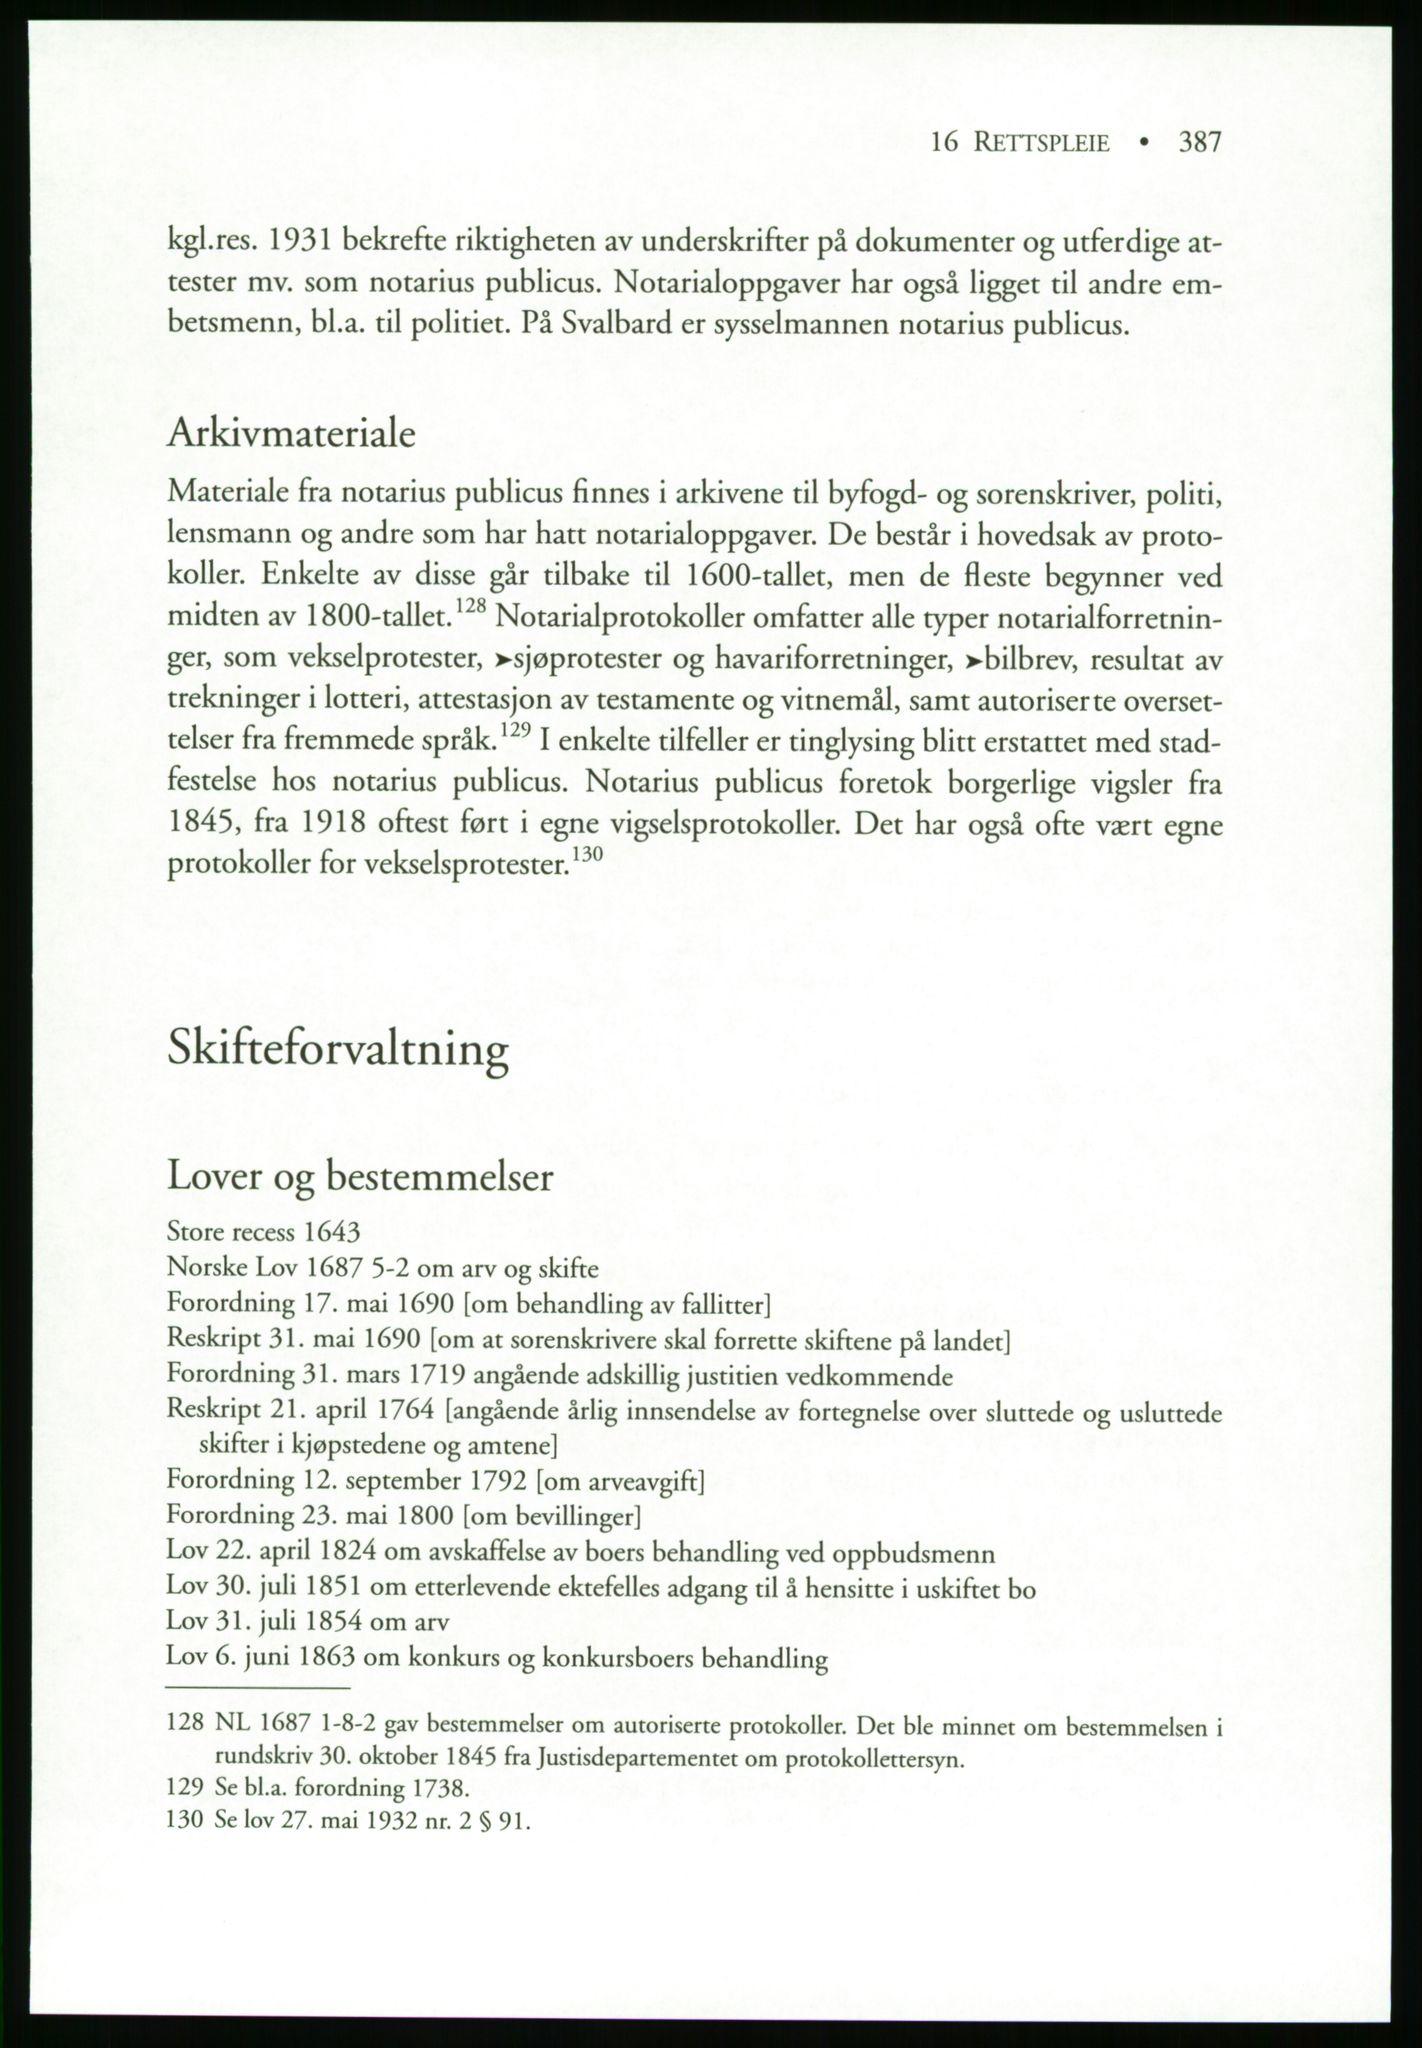 PUBL, Publikasjoner utgitt av Arkivverket, -/19: Liv Mykland: Håndbok for brukere av statsarkivene (2005), s. 387